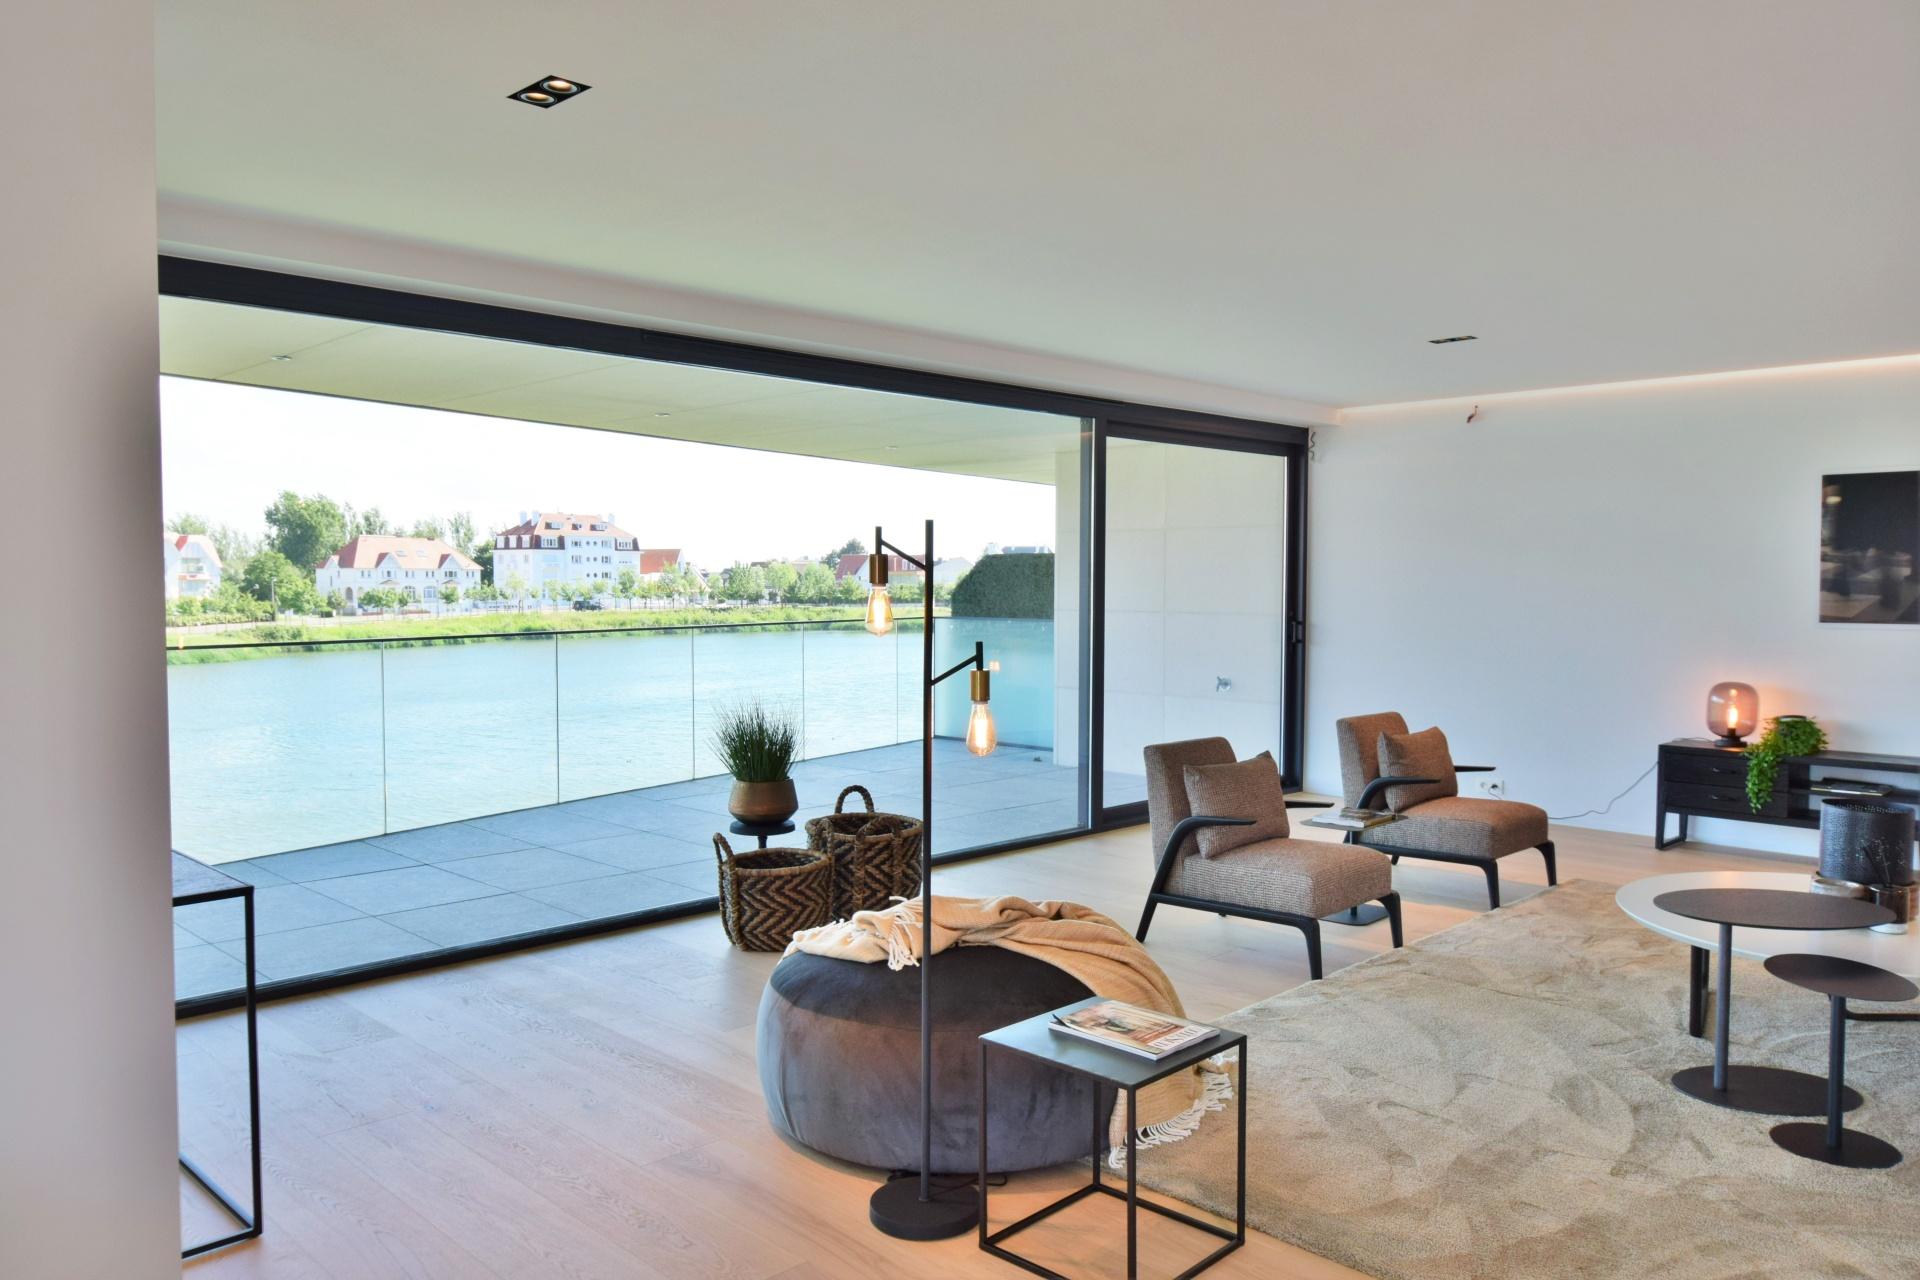 la reserve the residence, casanova vastgoedstyling